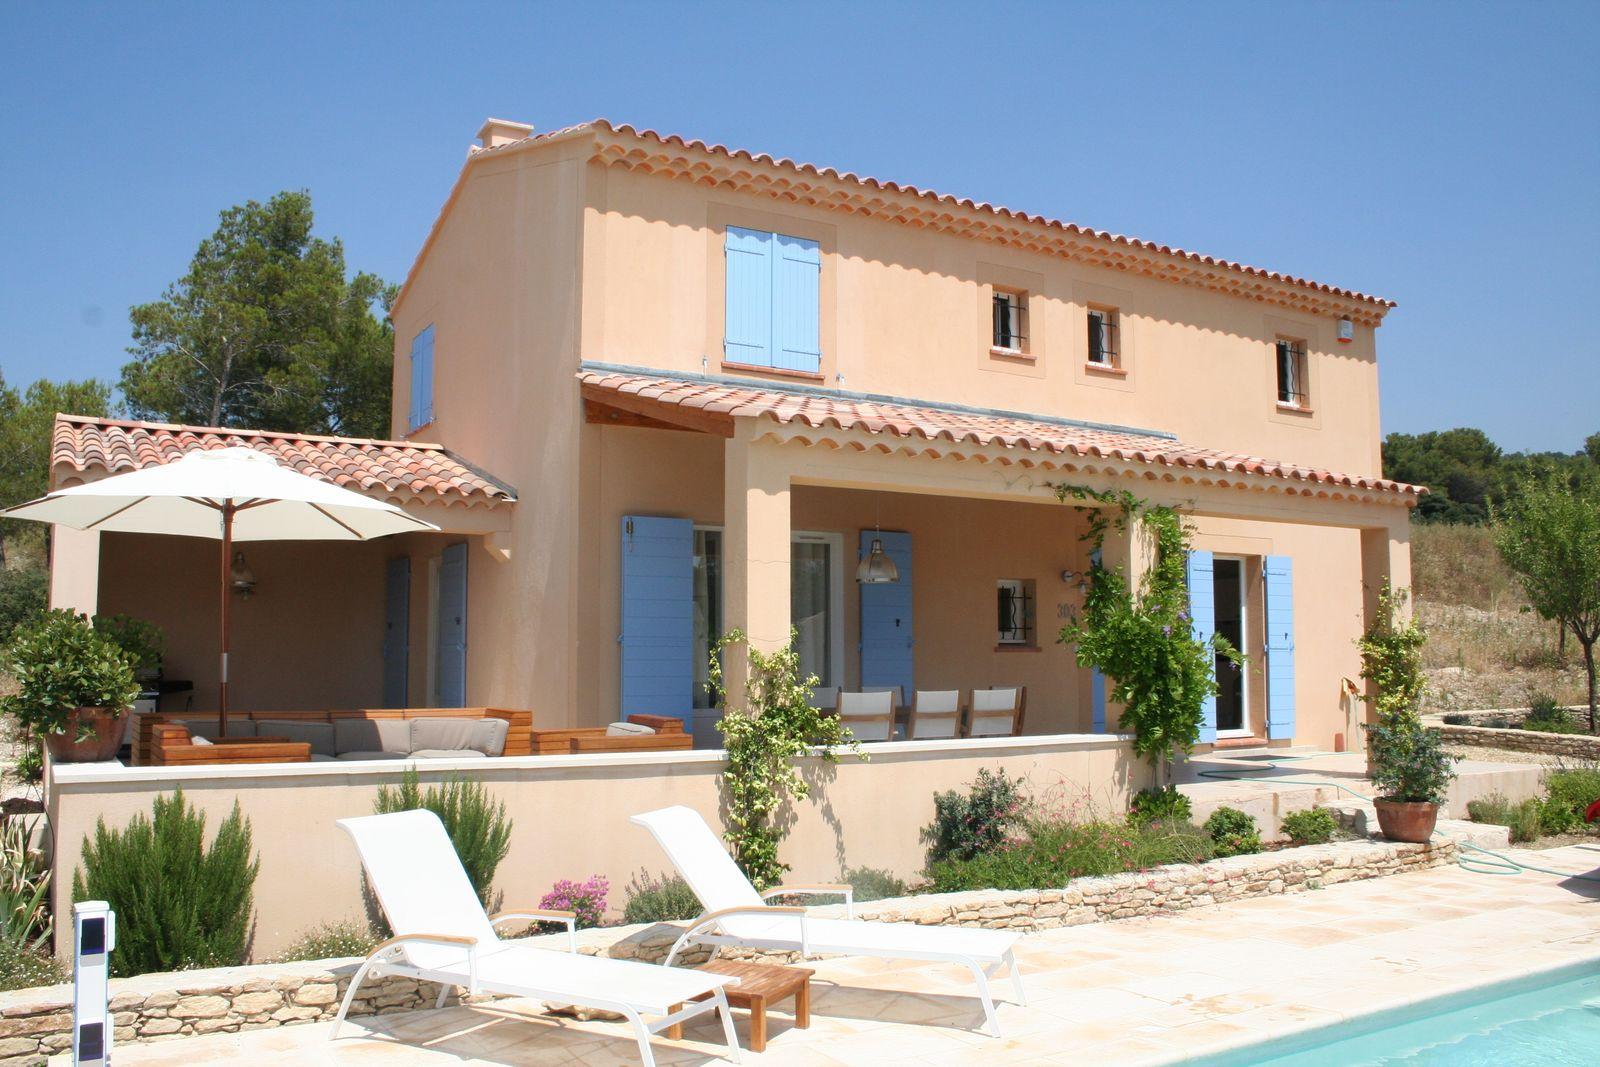 Afbeelding van Villa geschikt voor 8 personen met privé zwembad